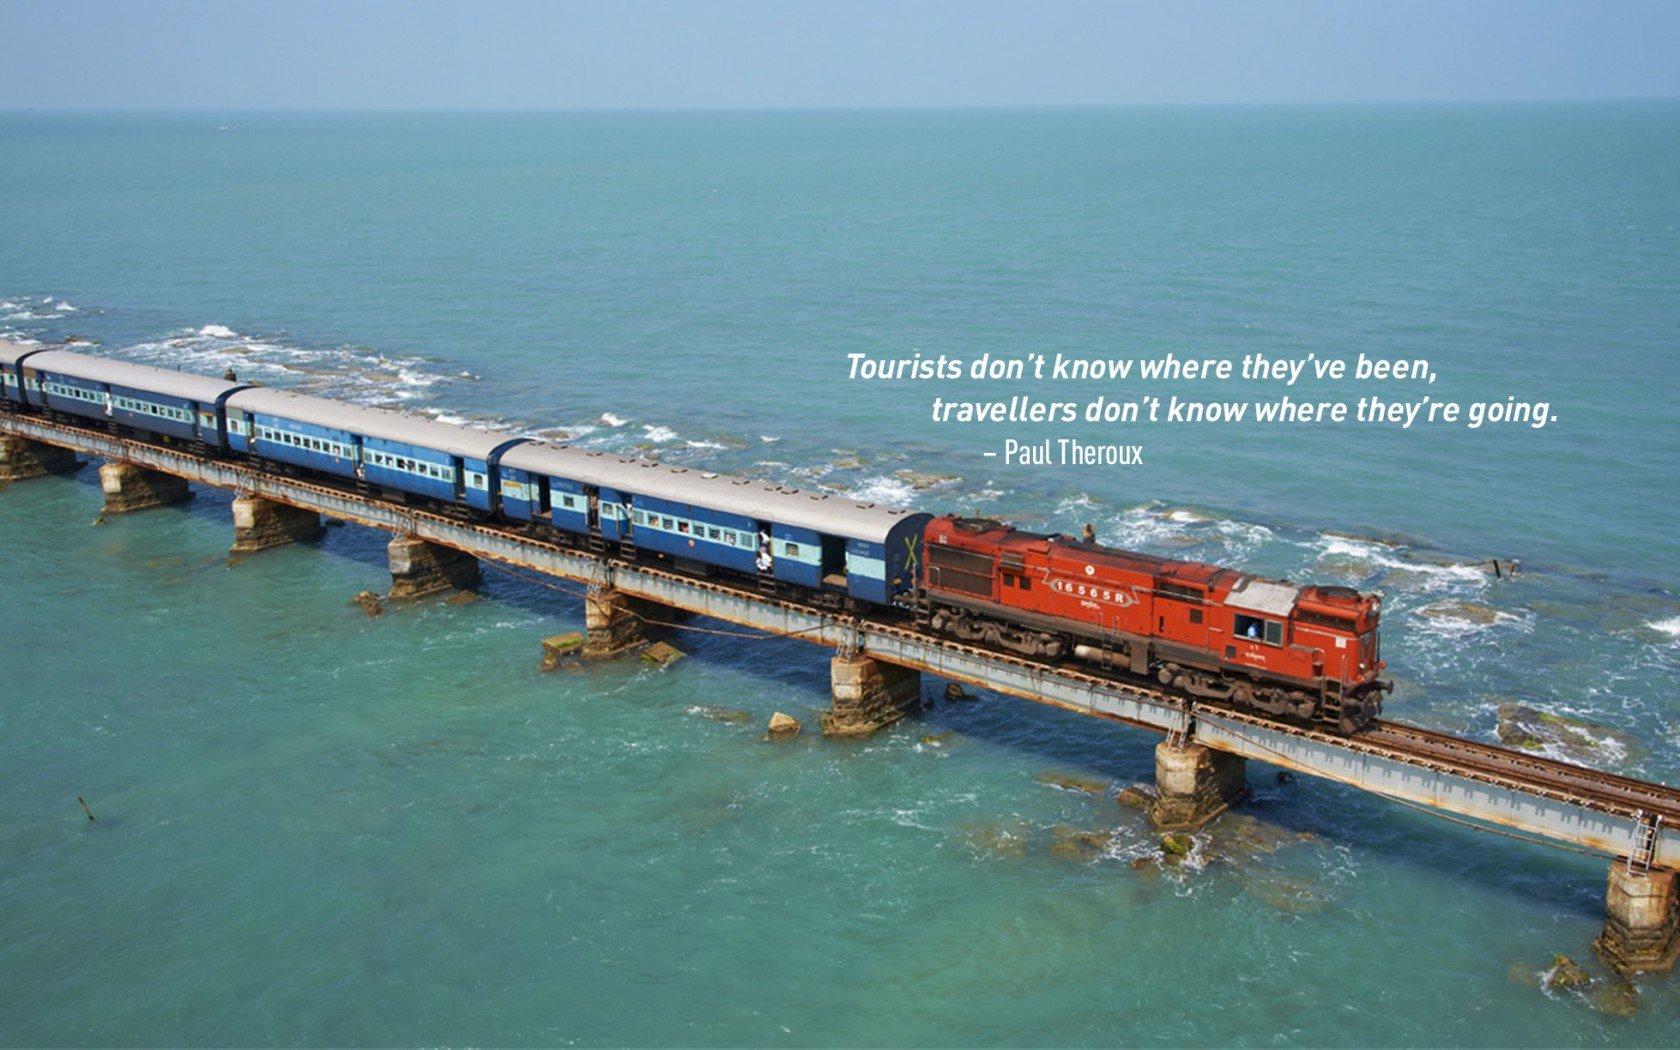 Citation de voyage de Paul Theroux. Train rétro traversant le pont de la mer étroite.